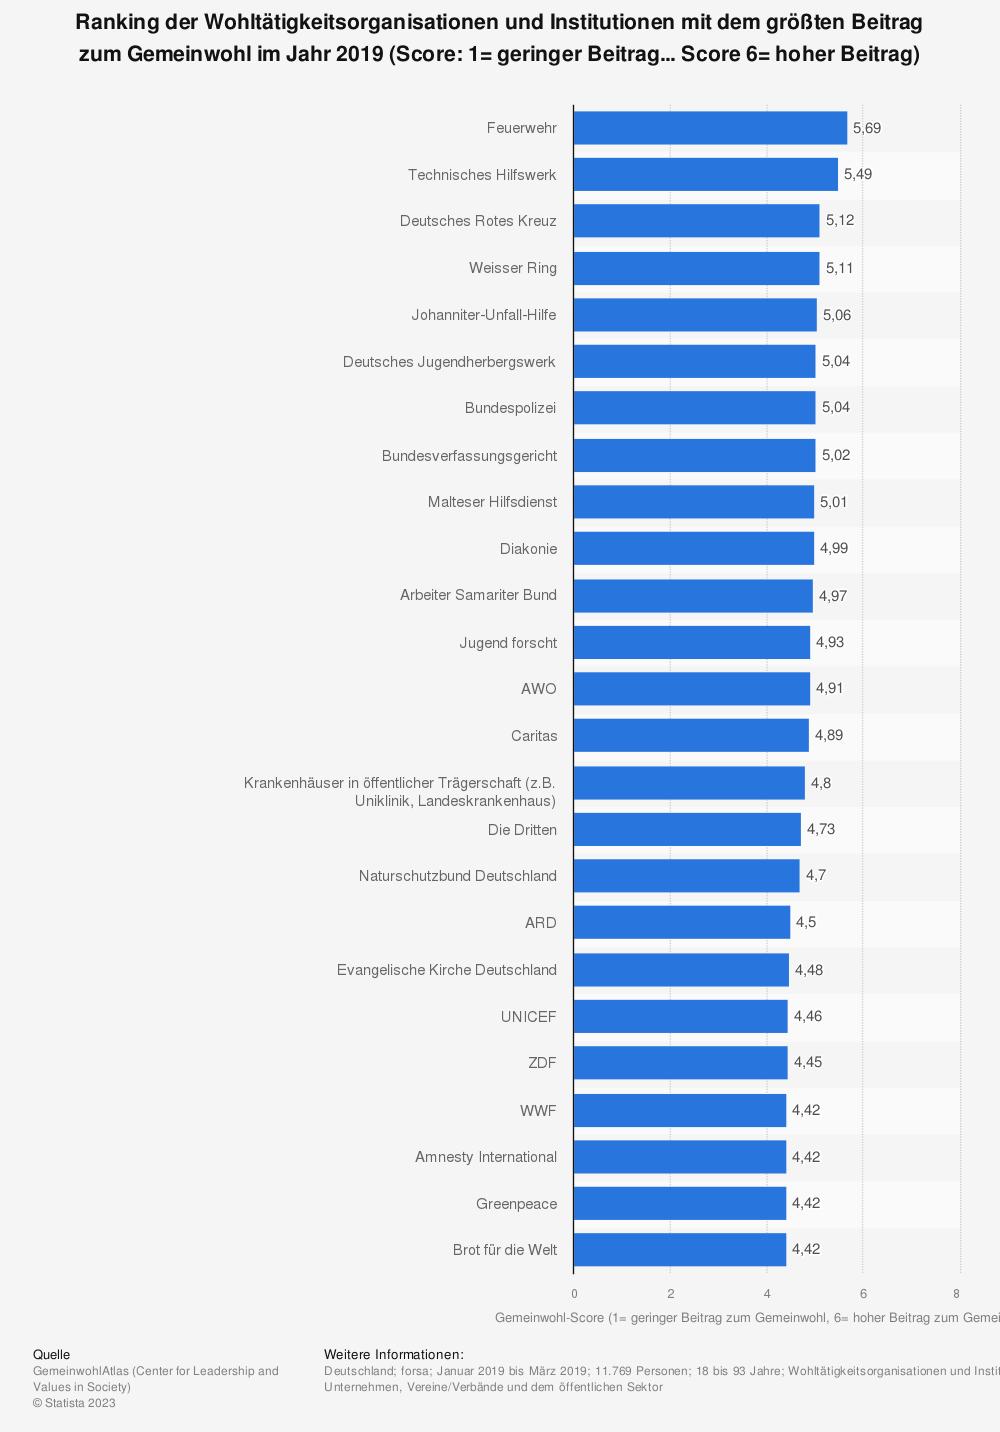 Statistik: Ranking der Wohltätigkeitsorganisationen und Institutionen mit dem größten Beitrag zum Gemeinwohl im Jahr 2019 (Score: 1= geringer Beitrag... Score 6= hoher Beitrag) | Statista